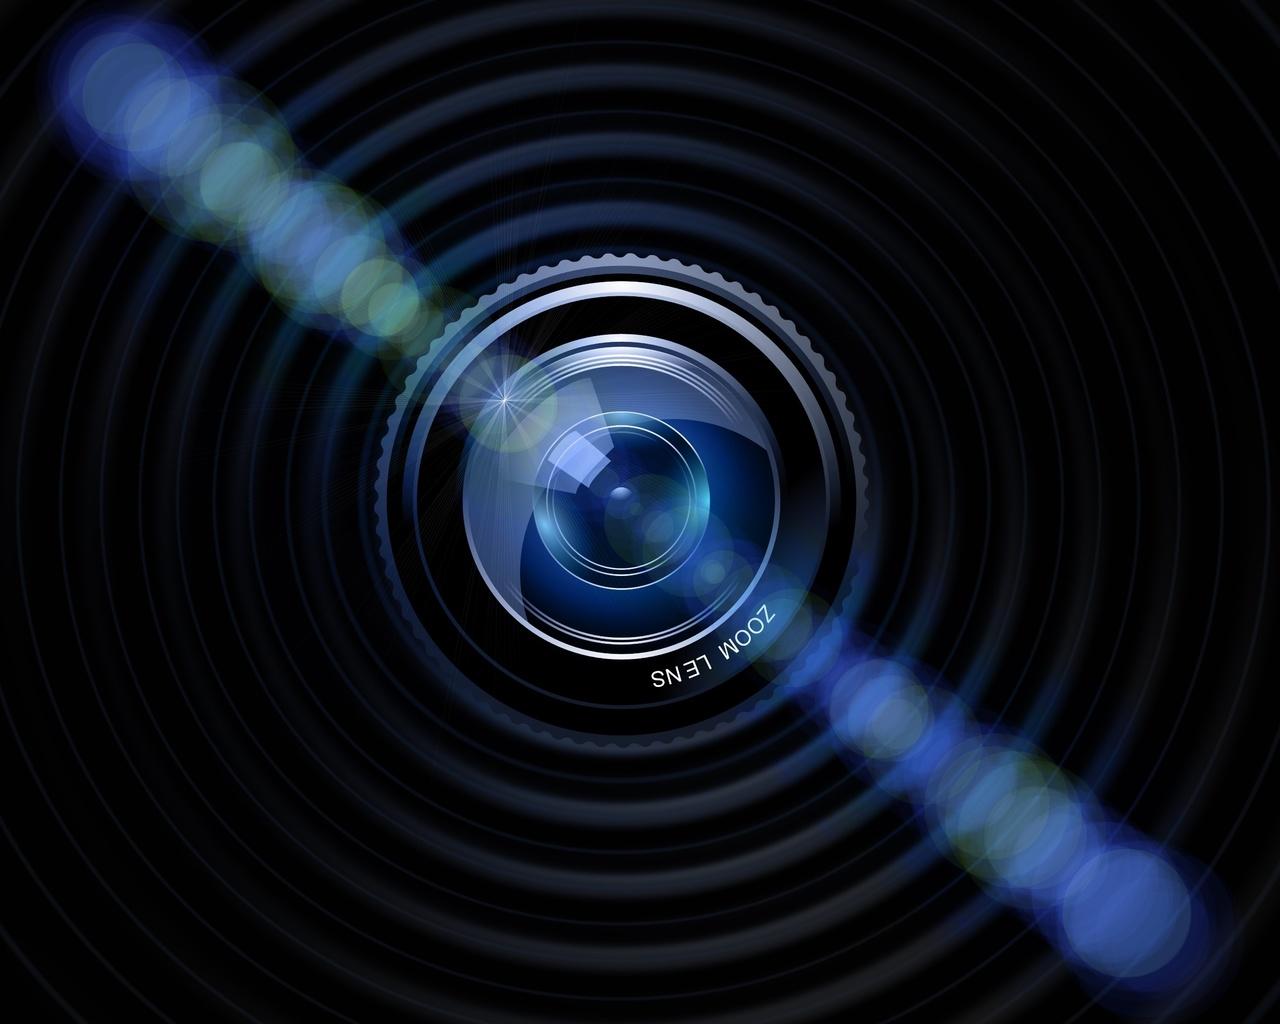 камера, объектив, синий, черный, темно, фотография, блики